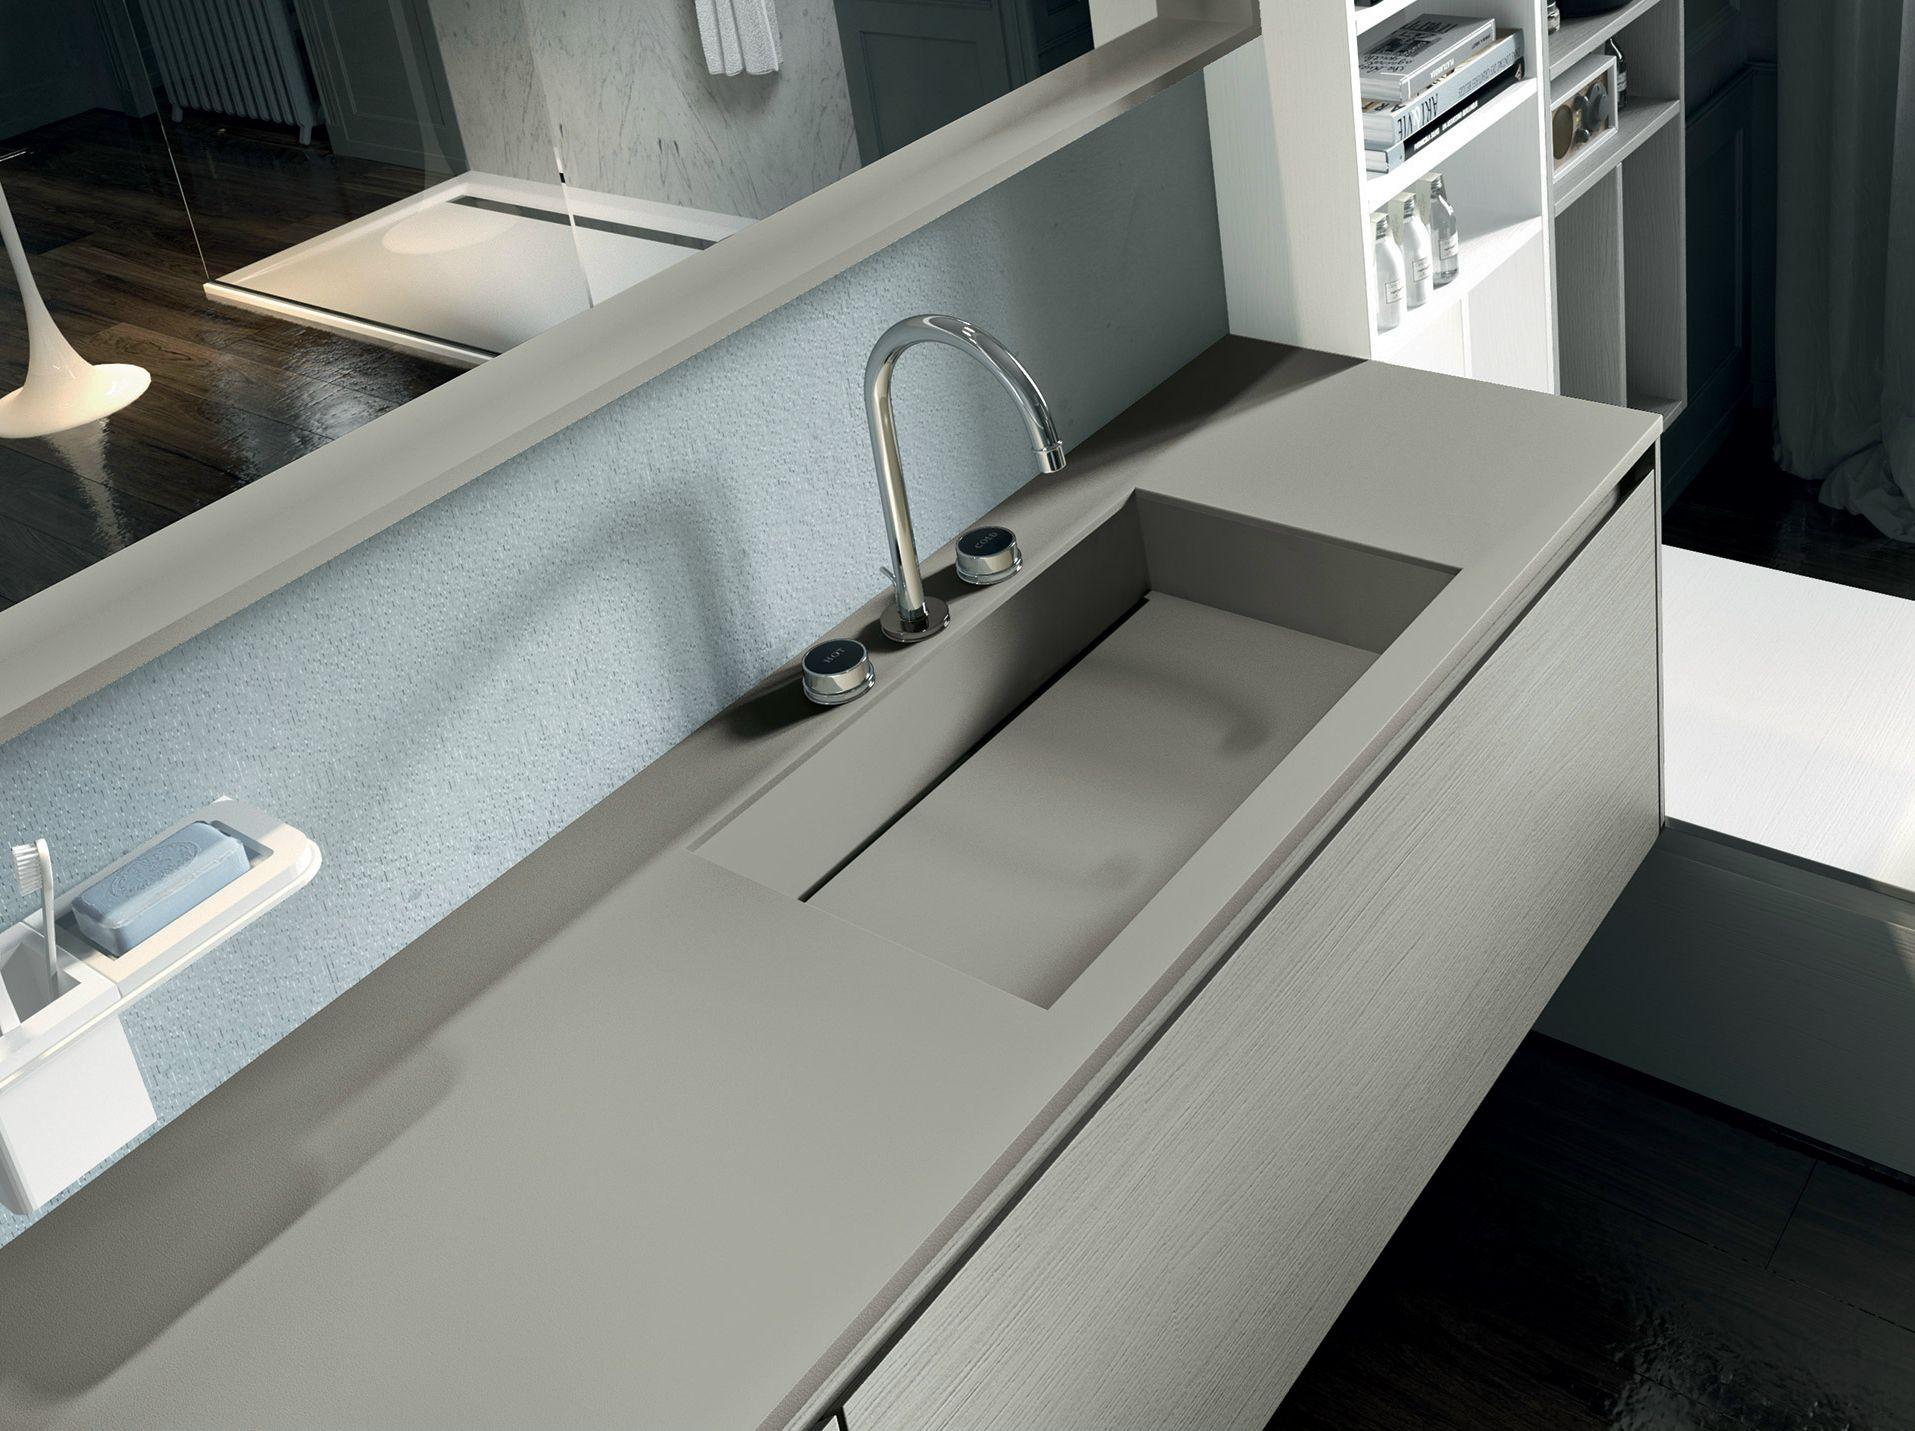 Mobile lavabo laccato sospeso con specchio eos 333 by edon by agor group - Agora mobili bagno ...